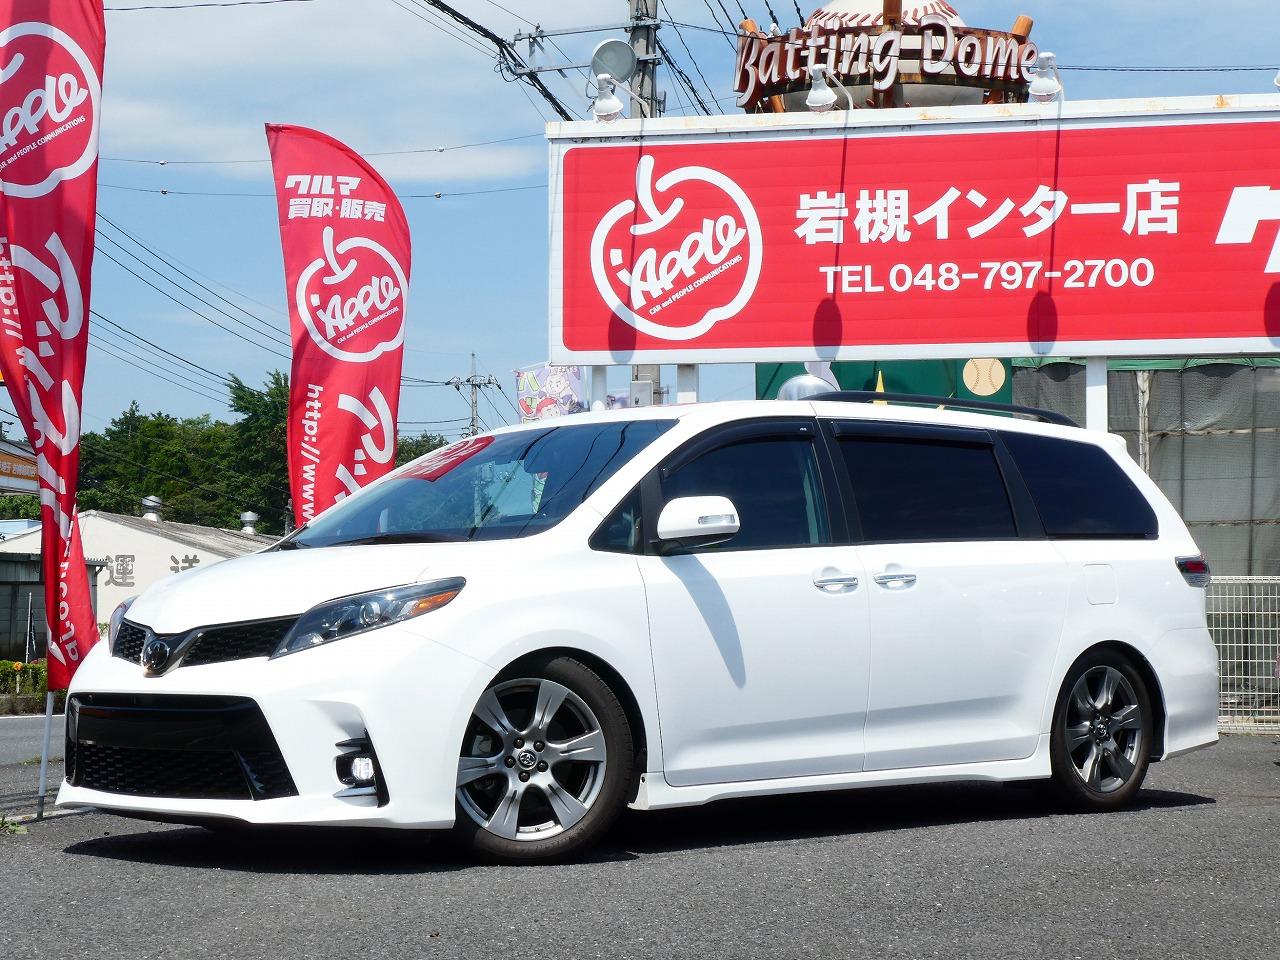 2020年モデル 新車シエナ入庫!! リミテッドプレミアム&SEナイトシェード